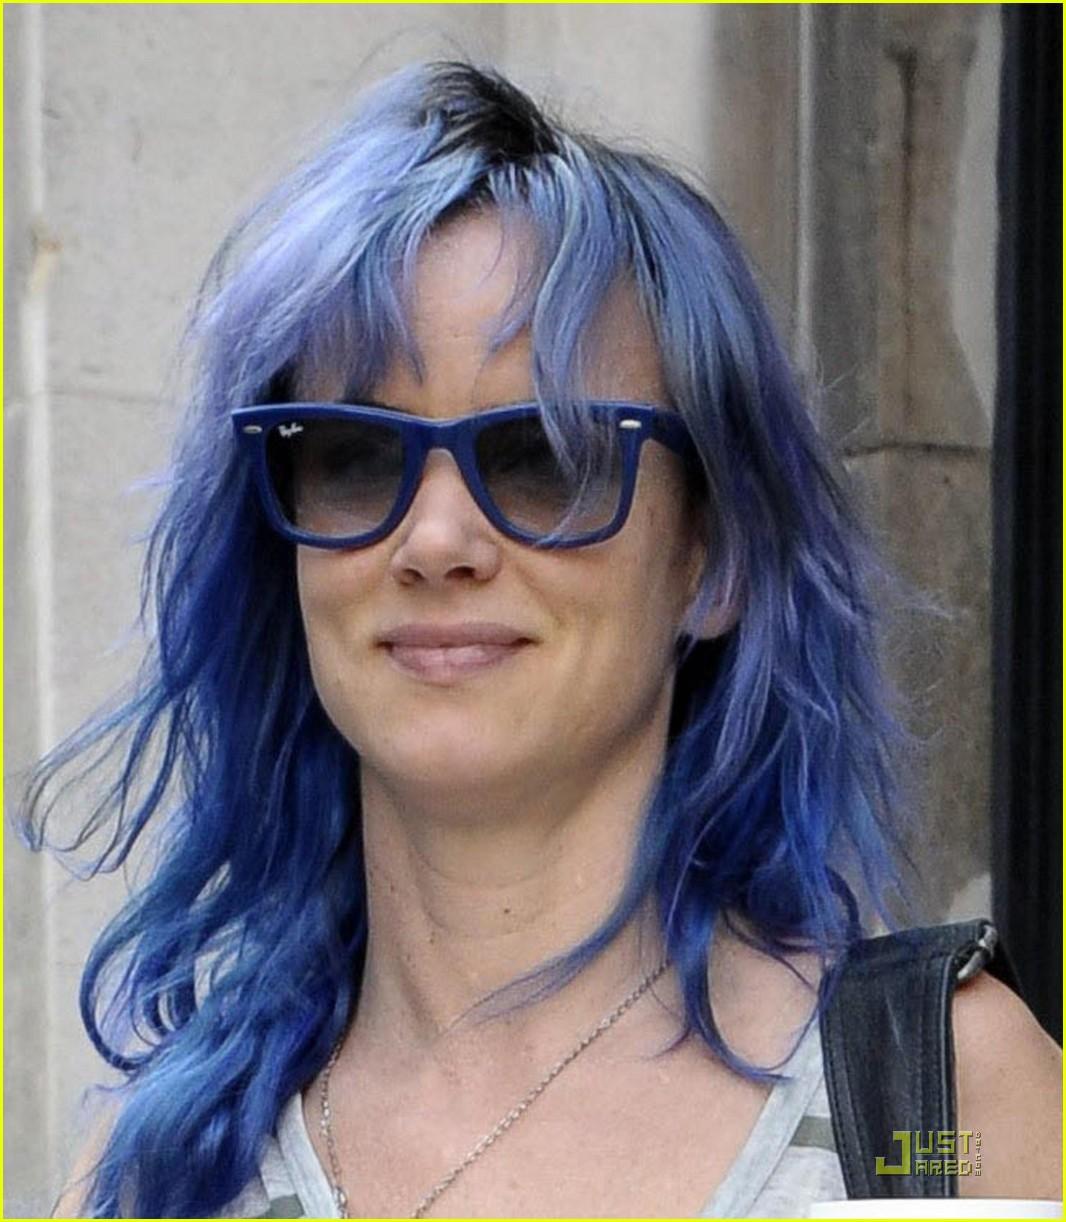 http://3.bp.blogspot.com/-Z3vYkhgXQsM/TkVfHMDP2vI/AAAAAAAAAD0/ybYgda8wjp8/s1600/juliette+lewis+blue+hair+01.jpeg